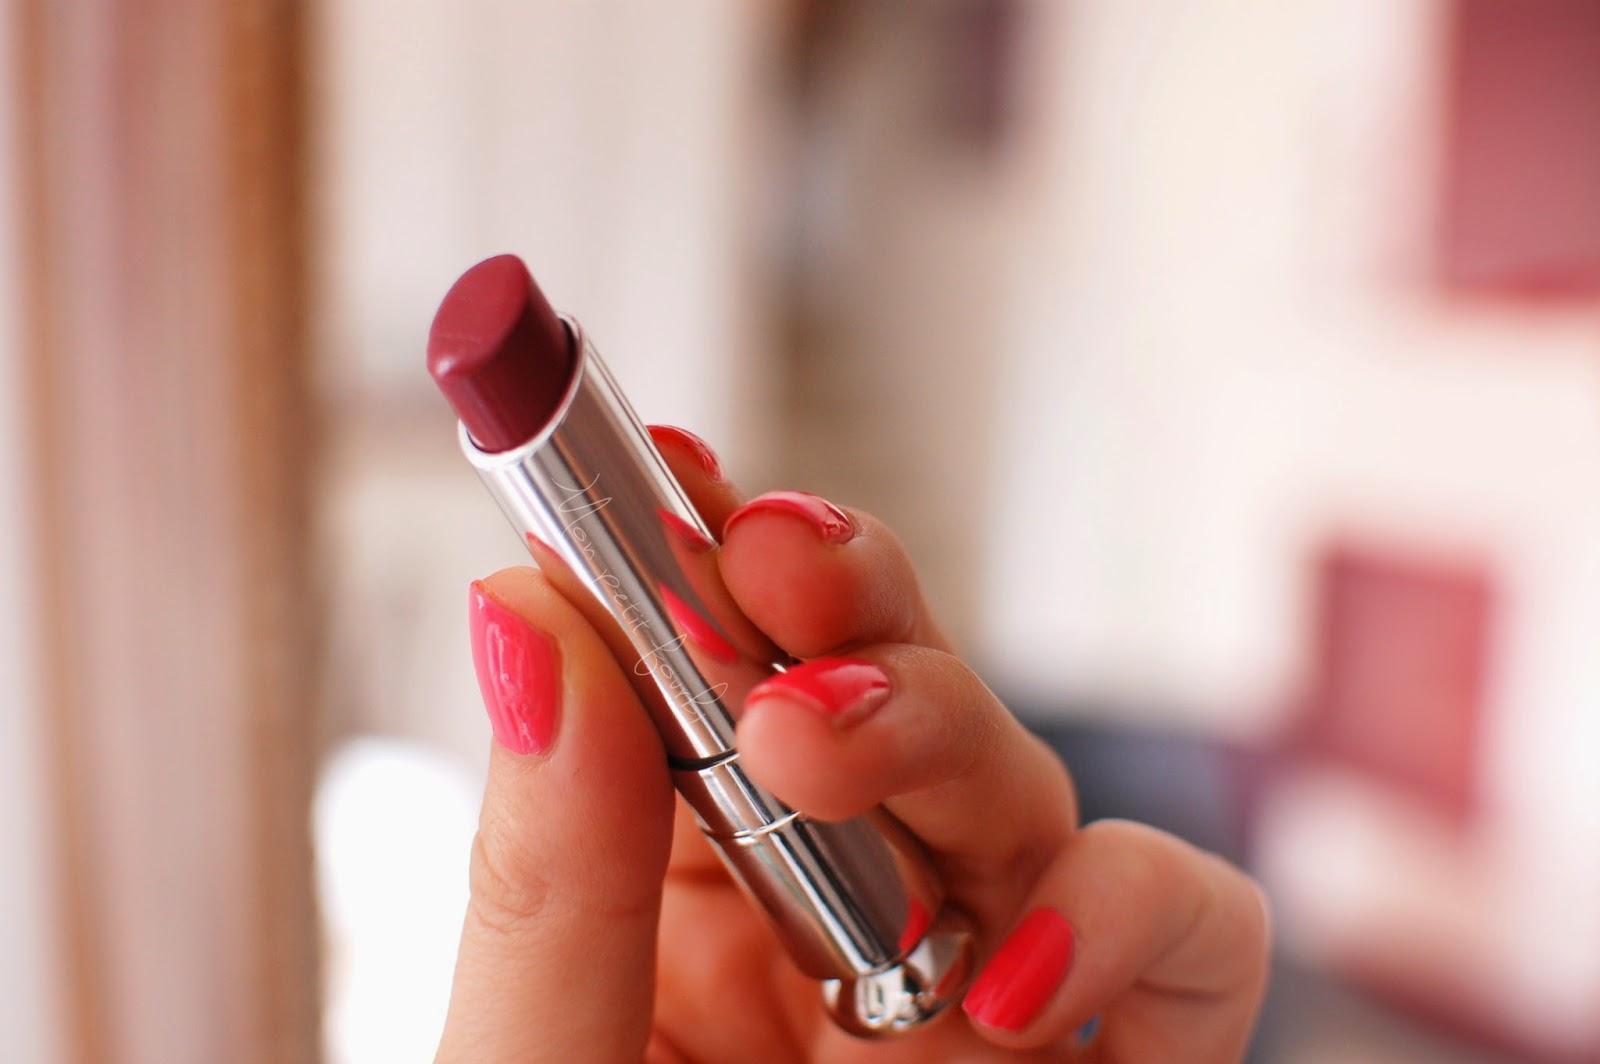 Rouge à Lèvres Dior Addict Extreme 866 Paparazzi